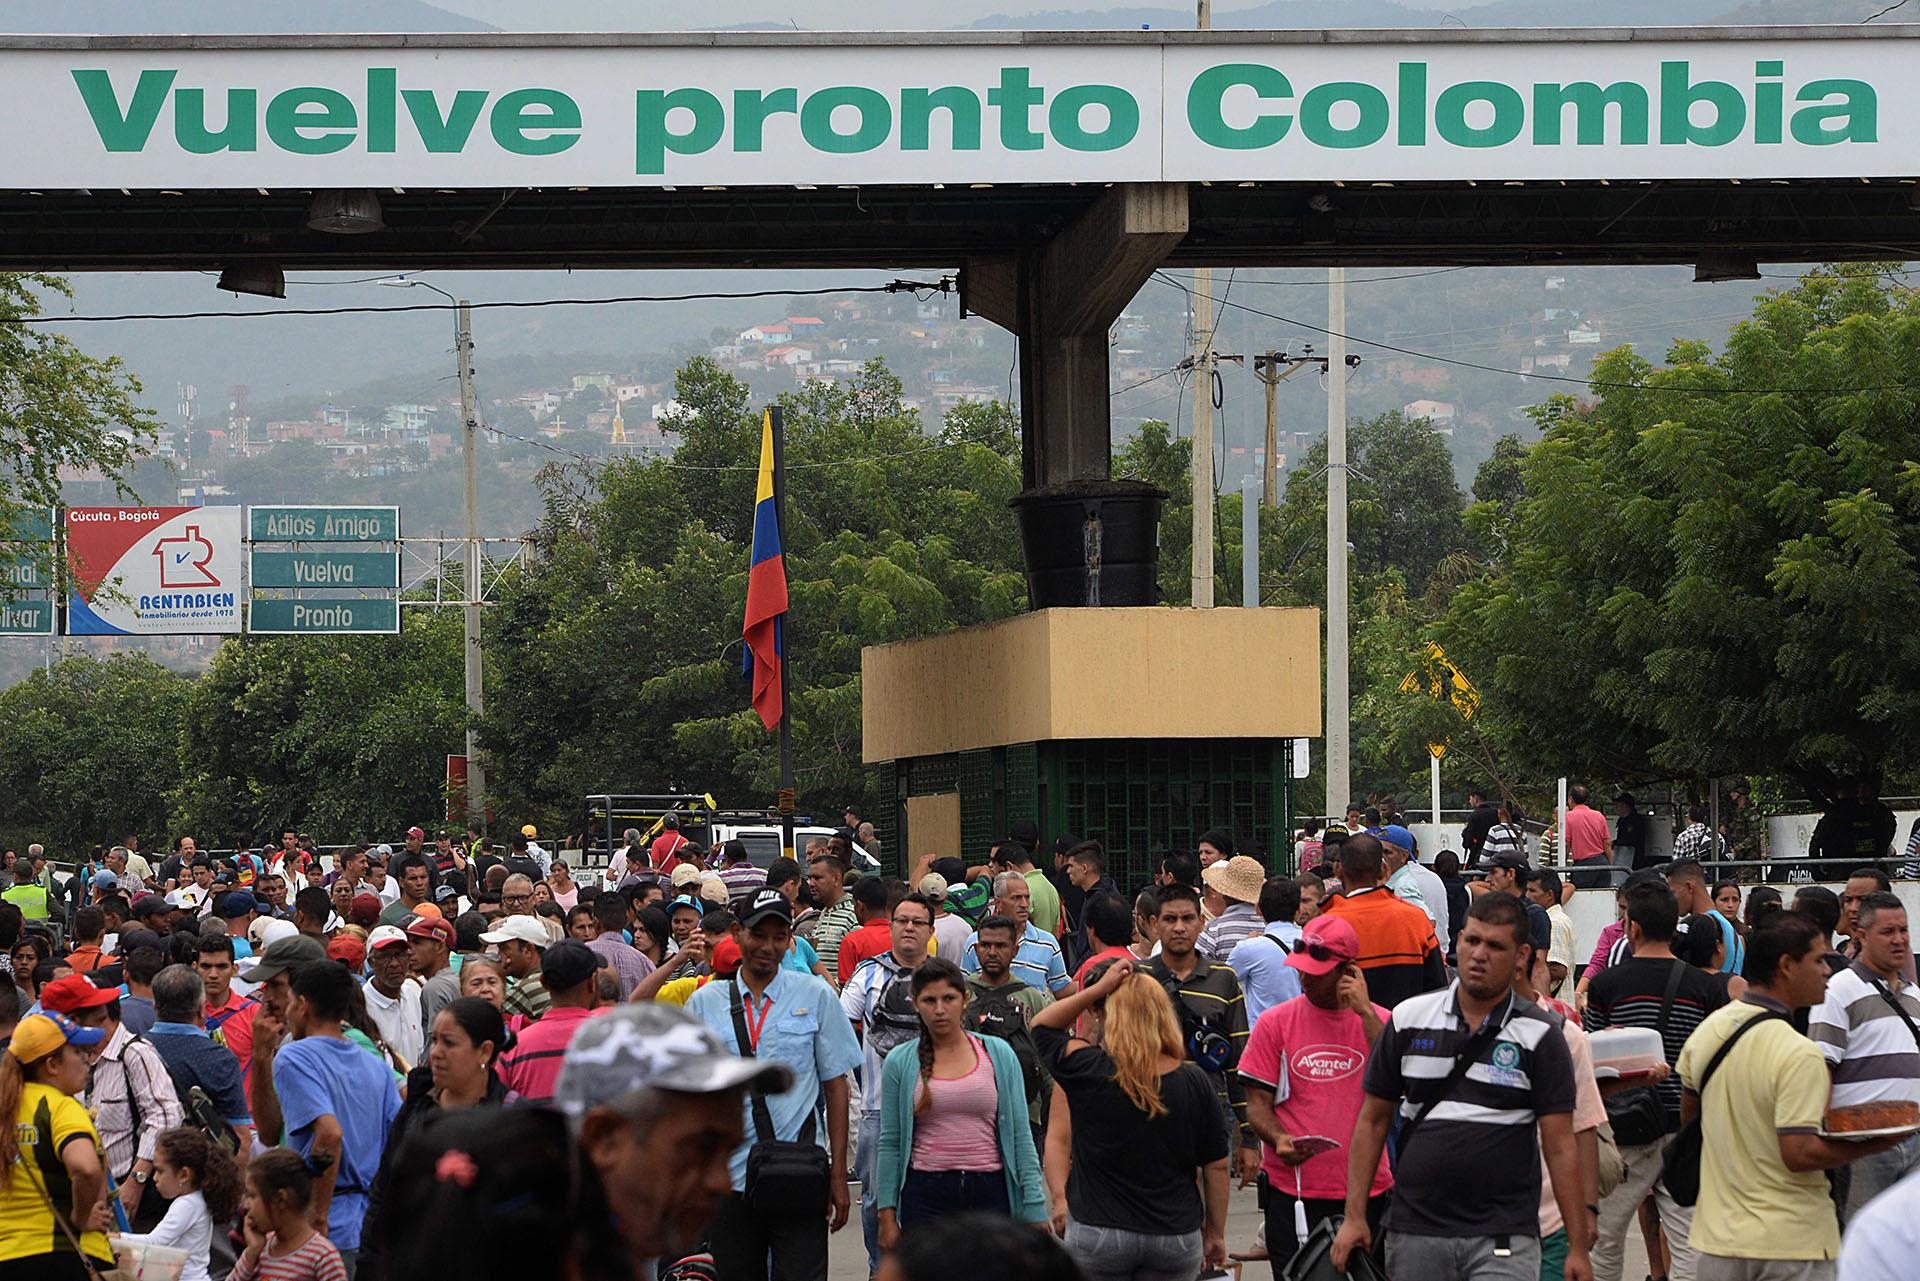 La situación ha generado un problema social en Colombia. (AFP)